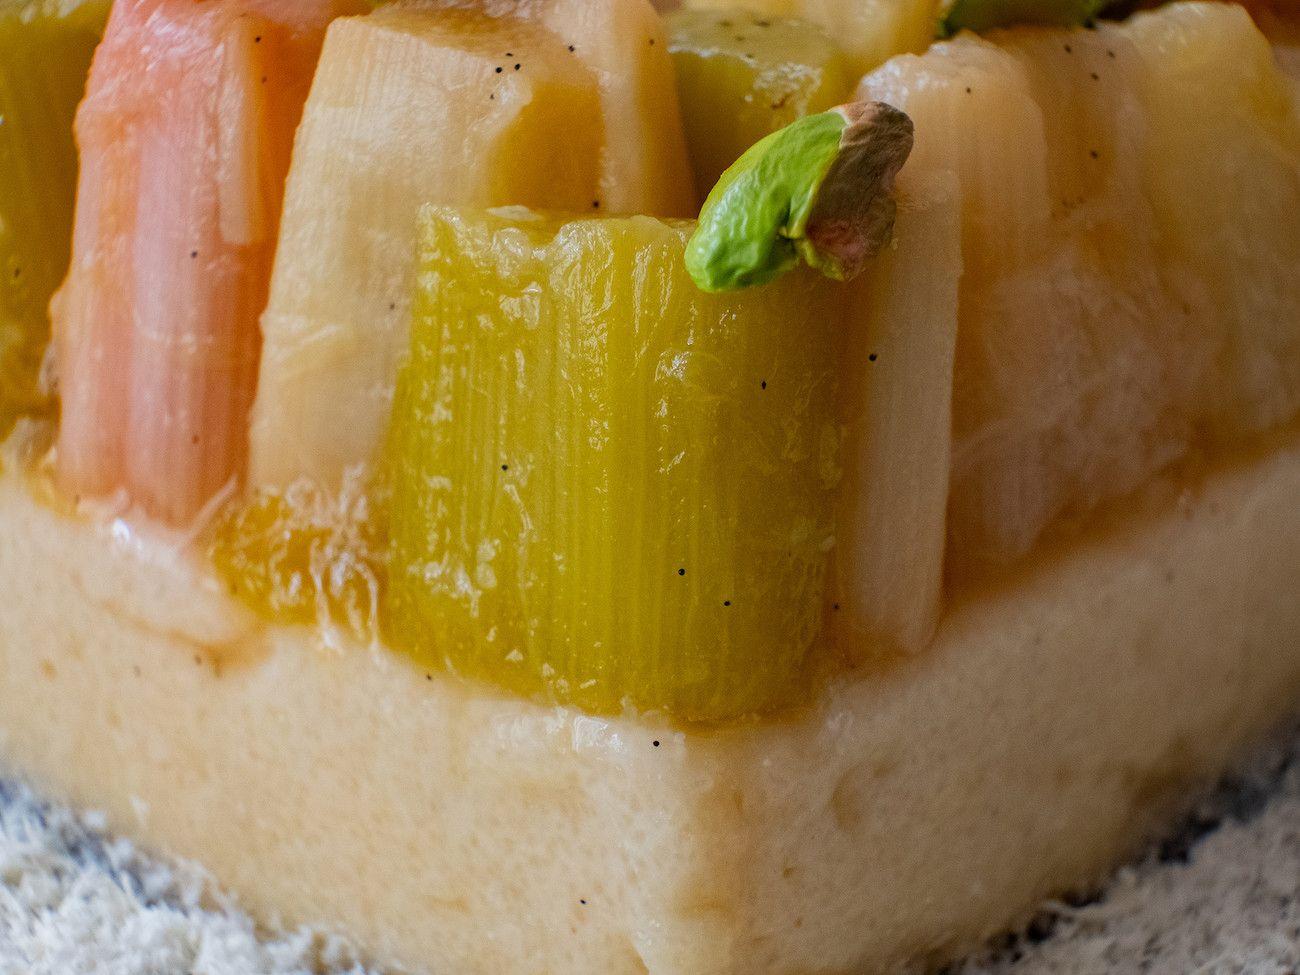 Foodblog About Fuel, Rezept Grießpudding Schnitte mit weißer Schokolade und Vanille-Rhabarber, Pistazie, Nachtisch,